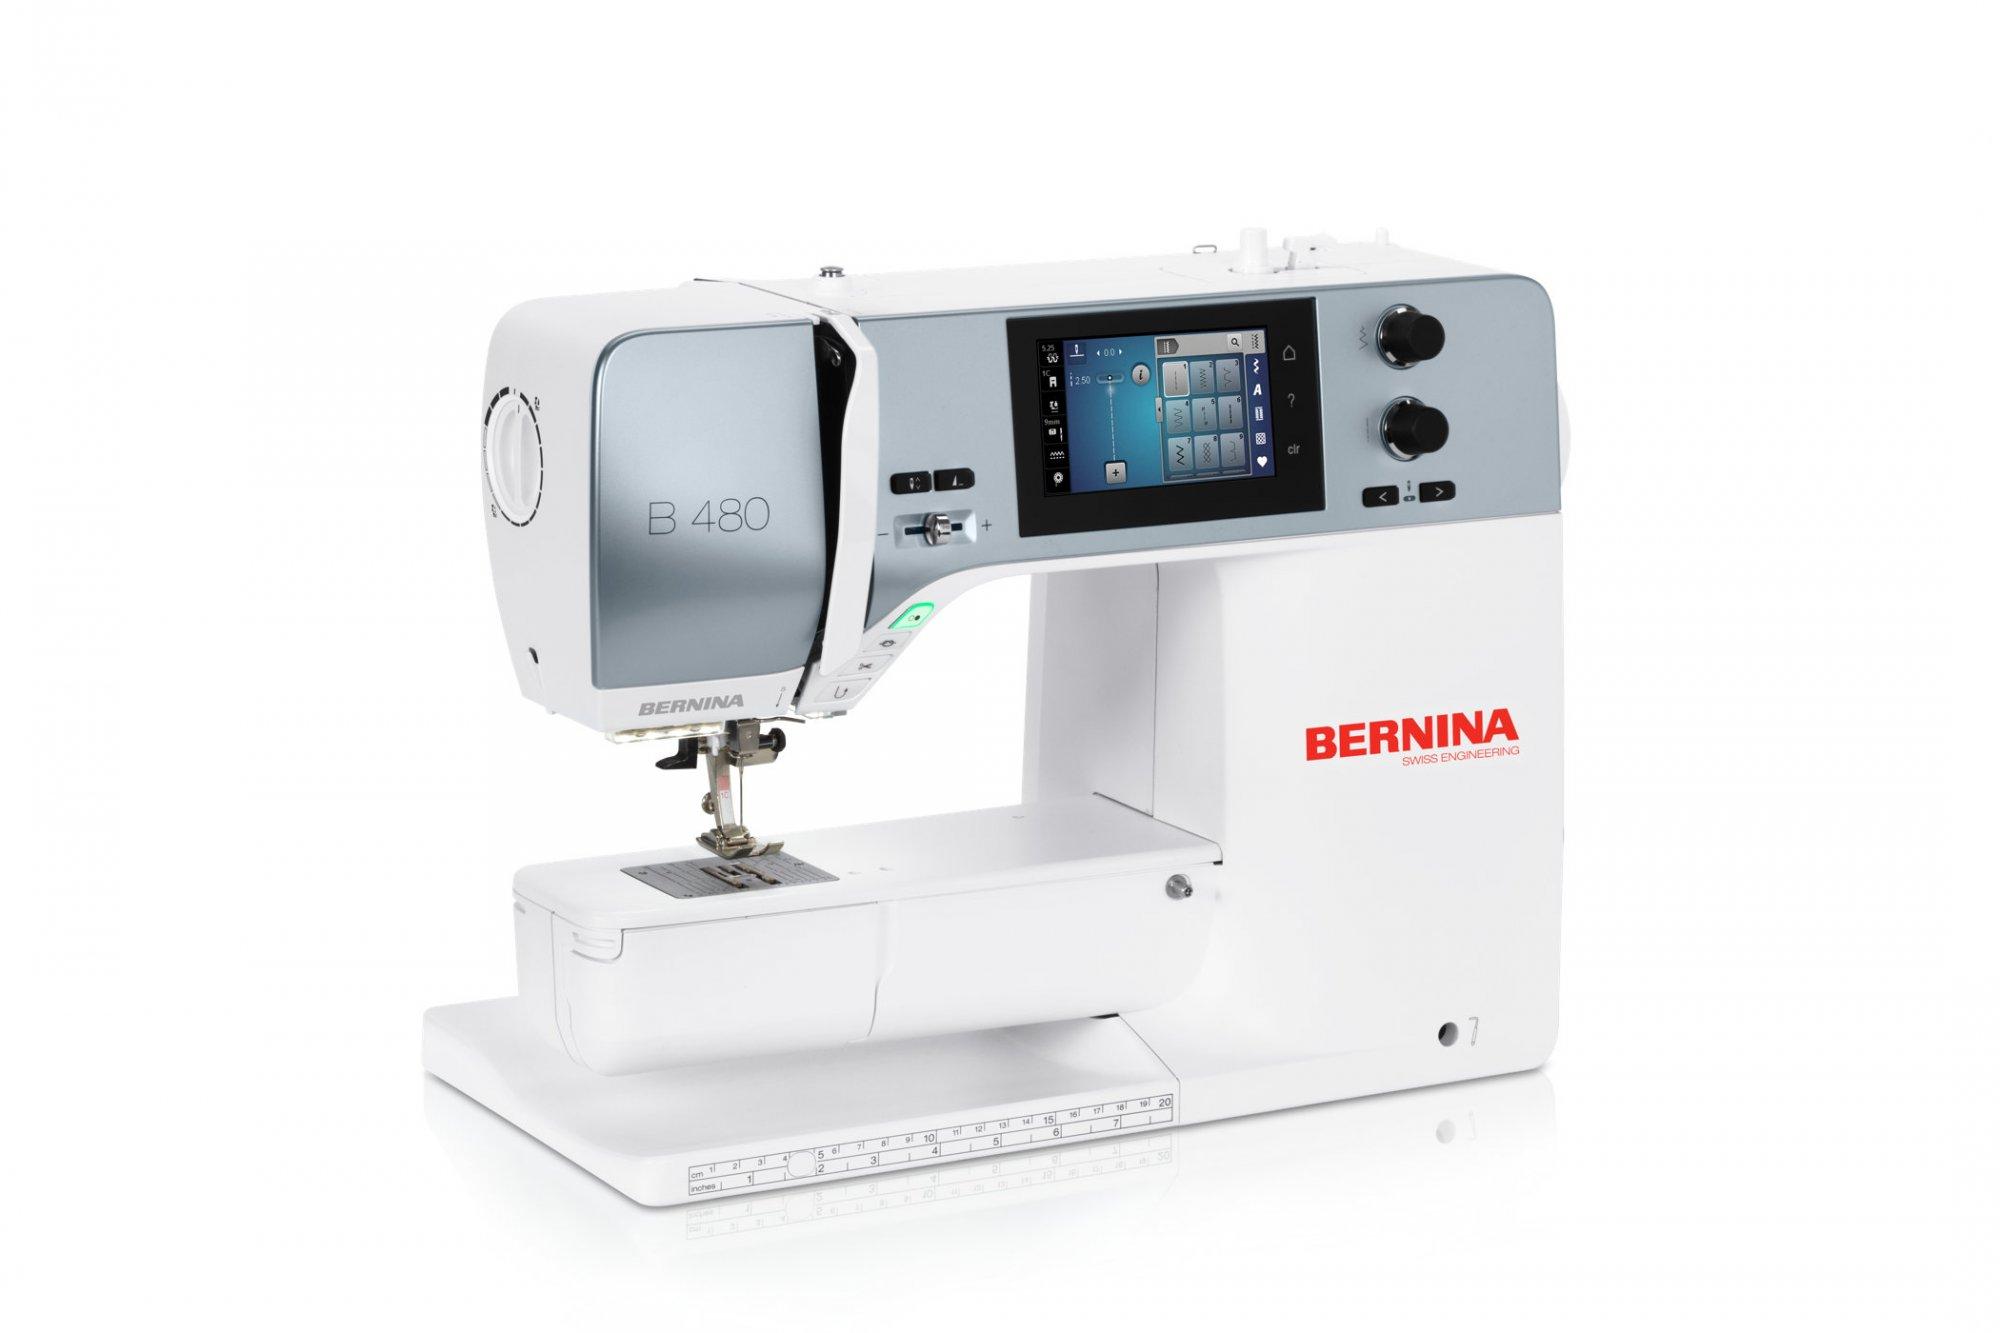 BERNINA 480 OS